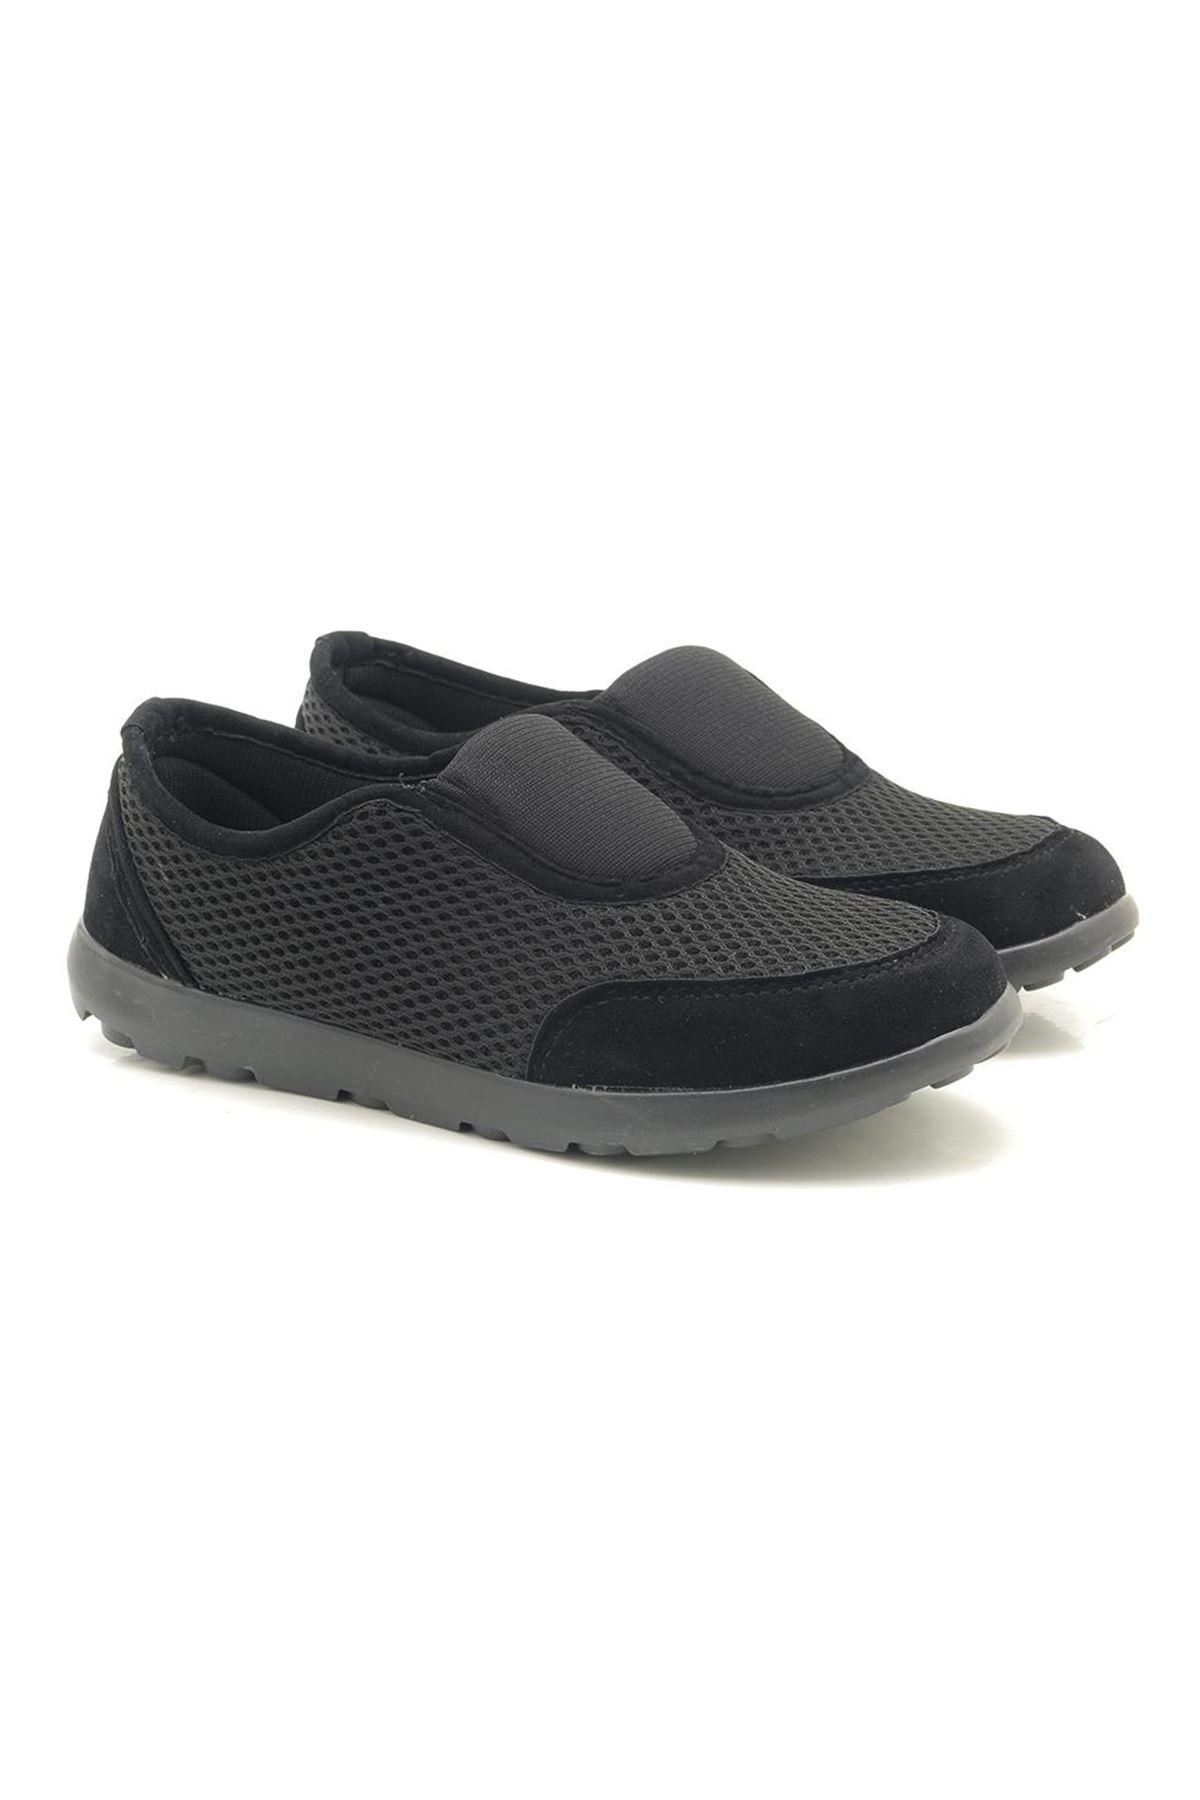 MP 201665 Yumuşak İnce Taban Yazlık Erkek Spor Ayakkabı